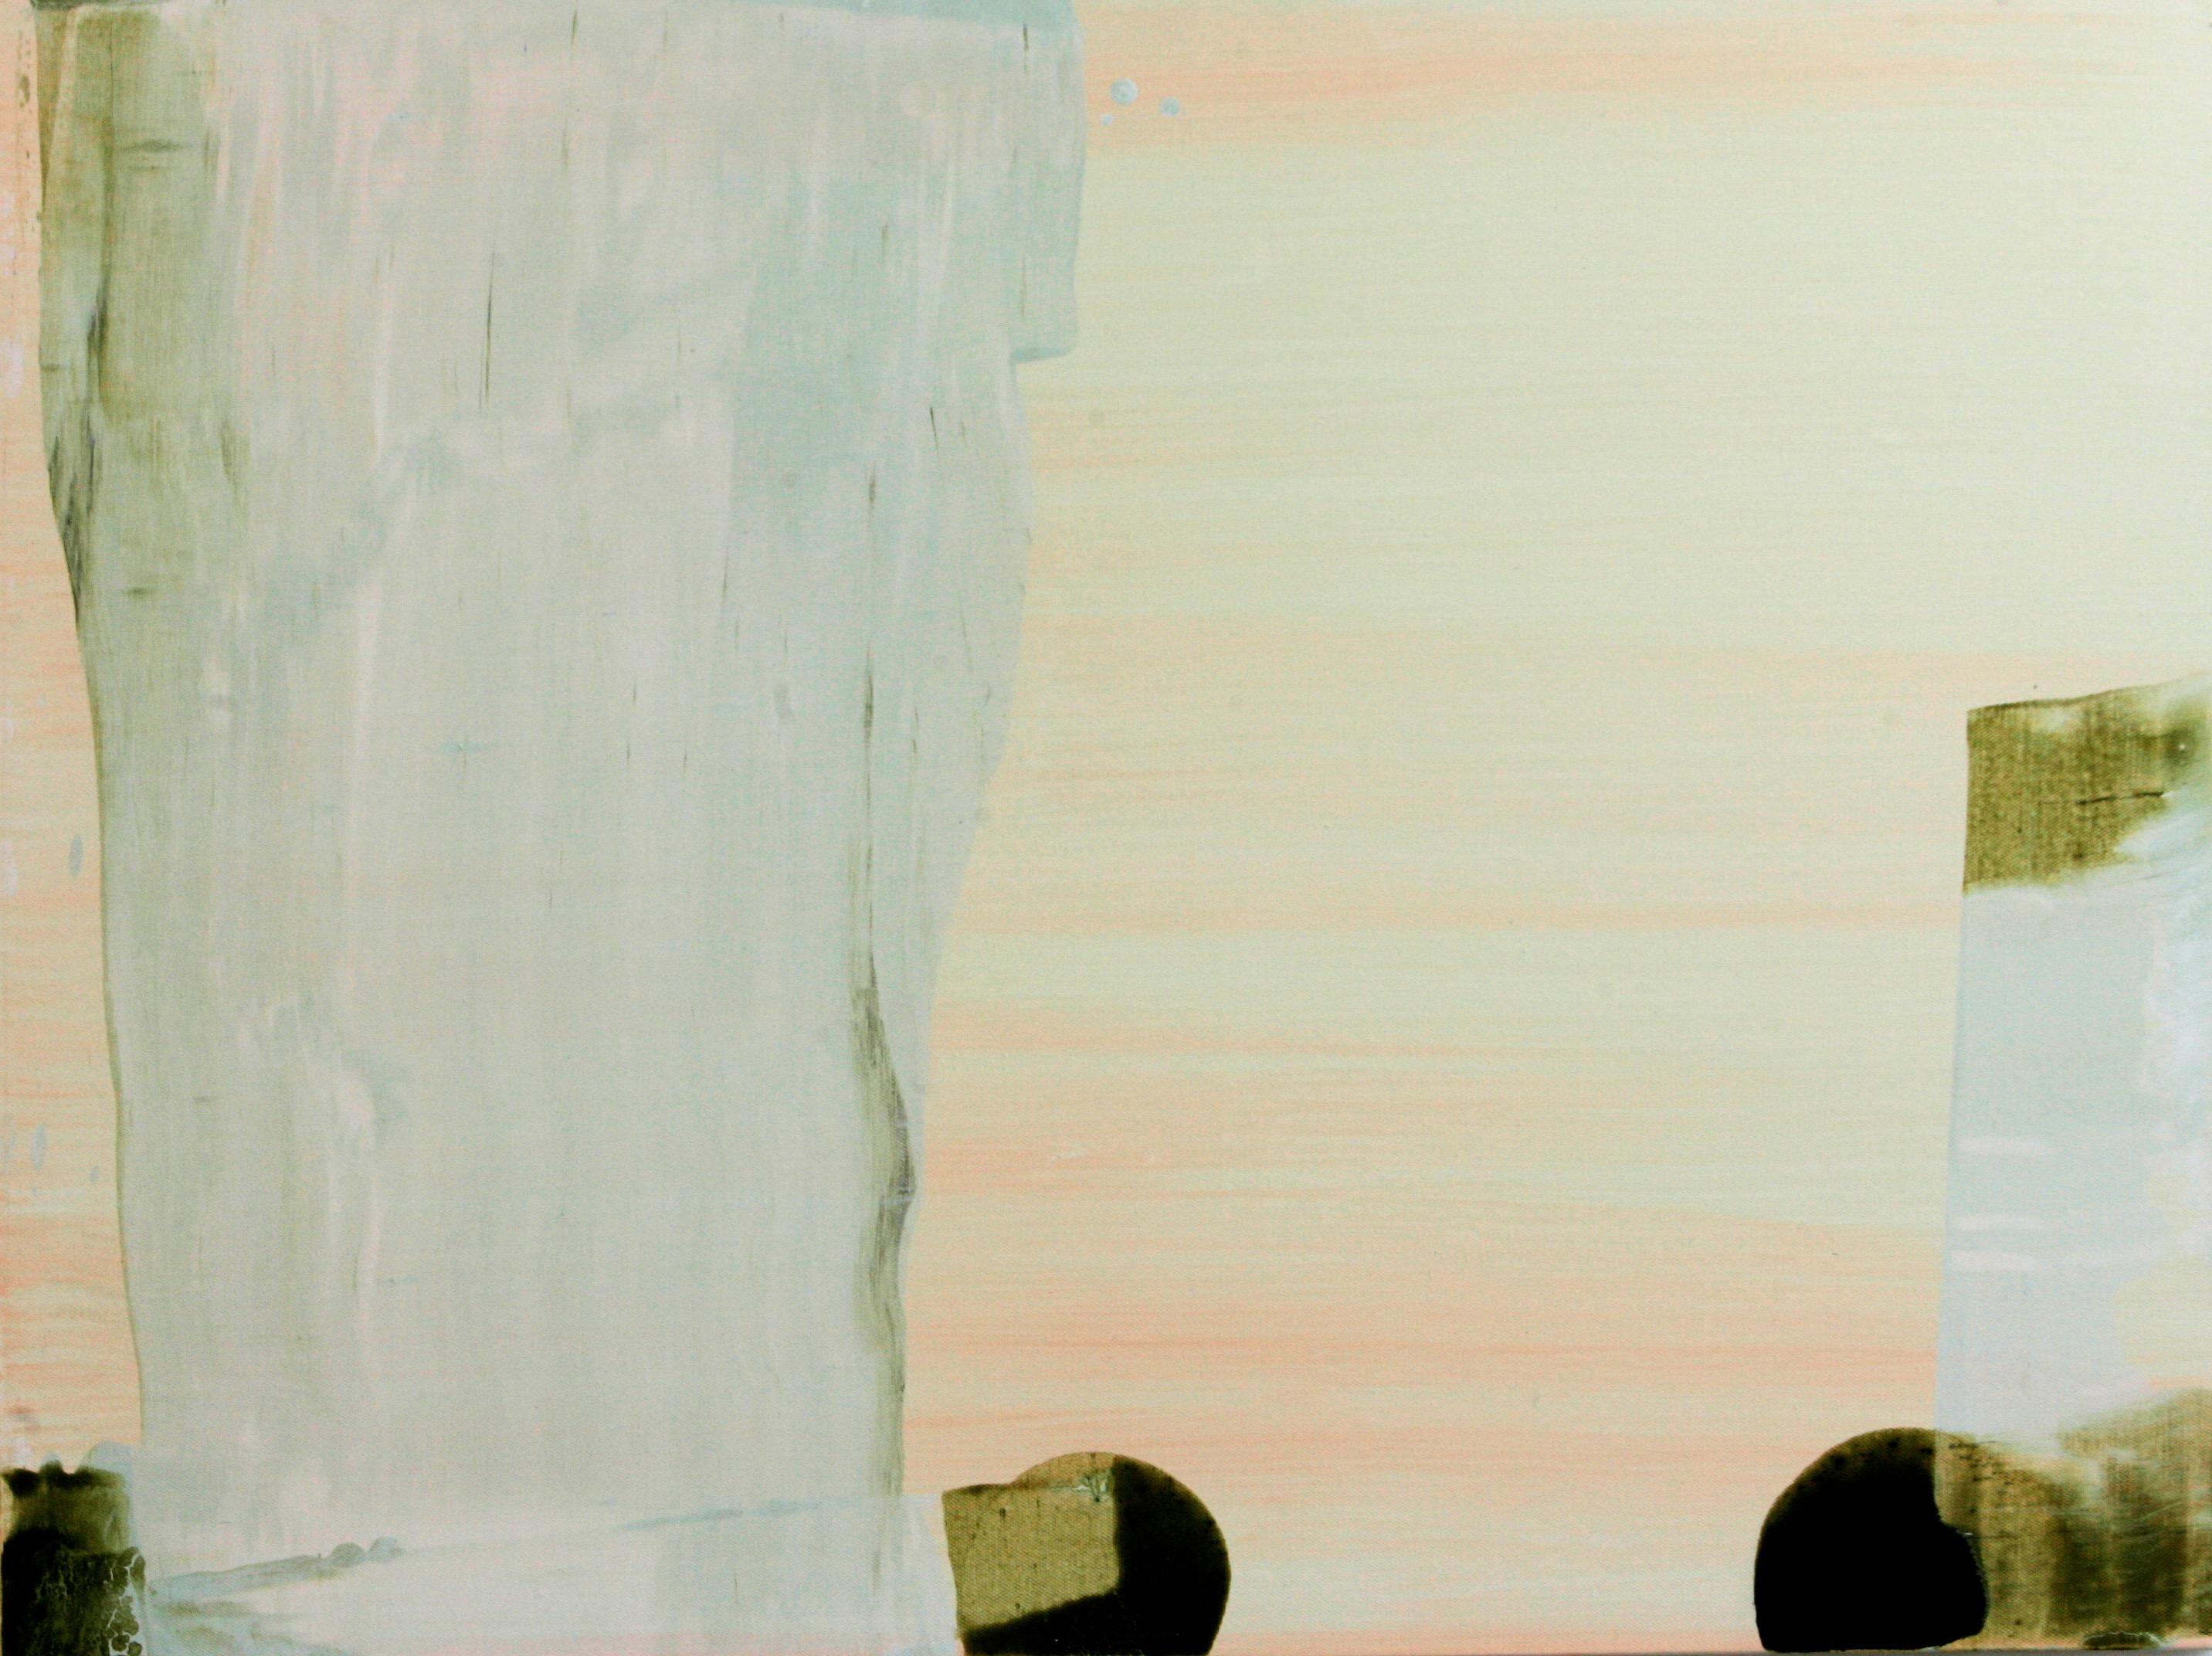 """Fra utstillingen: """"Rise and fall - Fall and rise""""60 x 80 Acryl på lerret"""